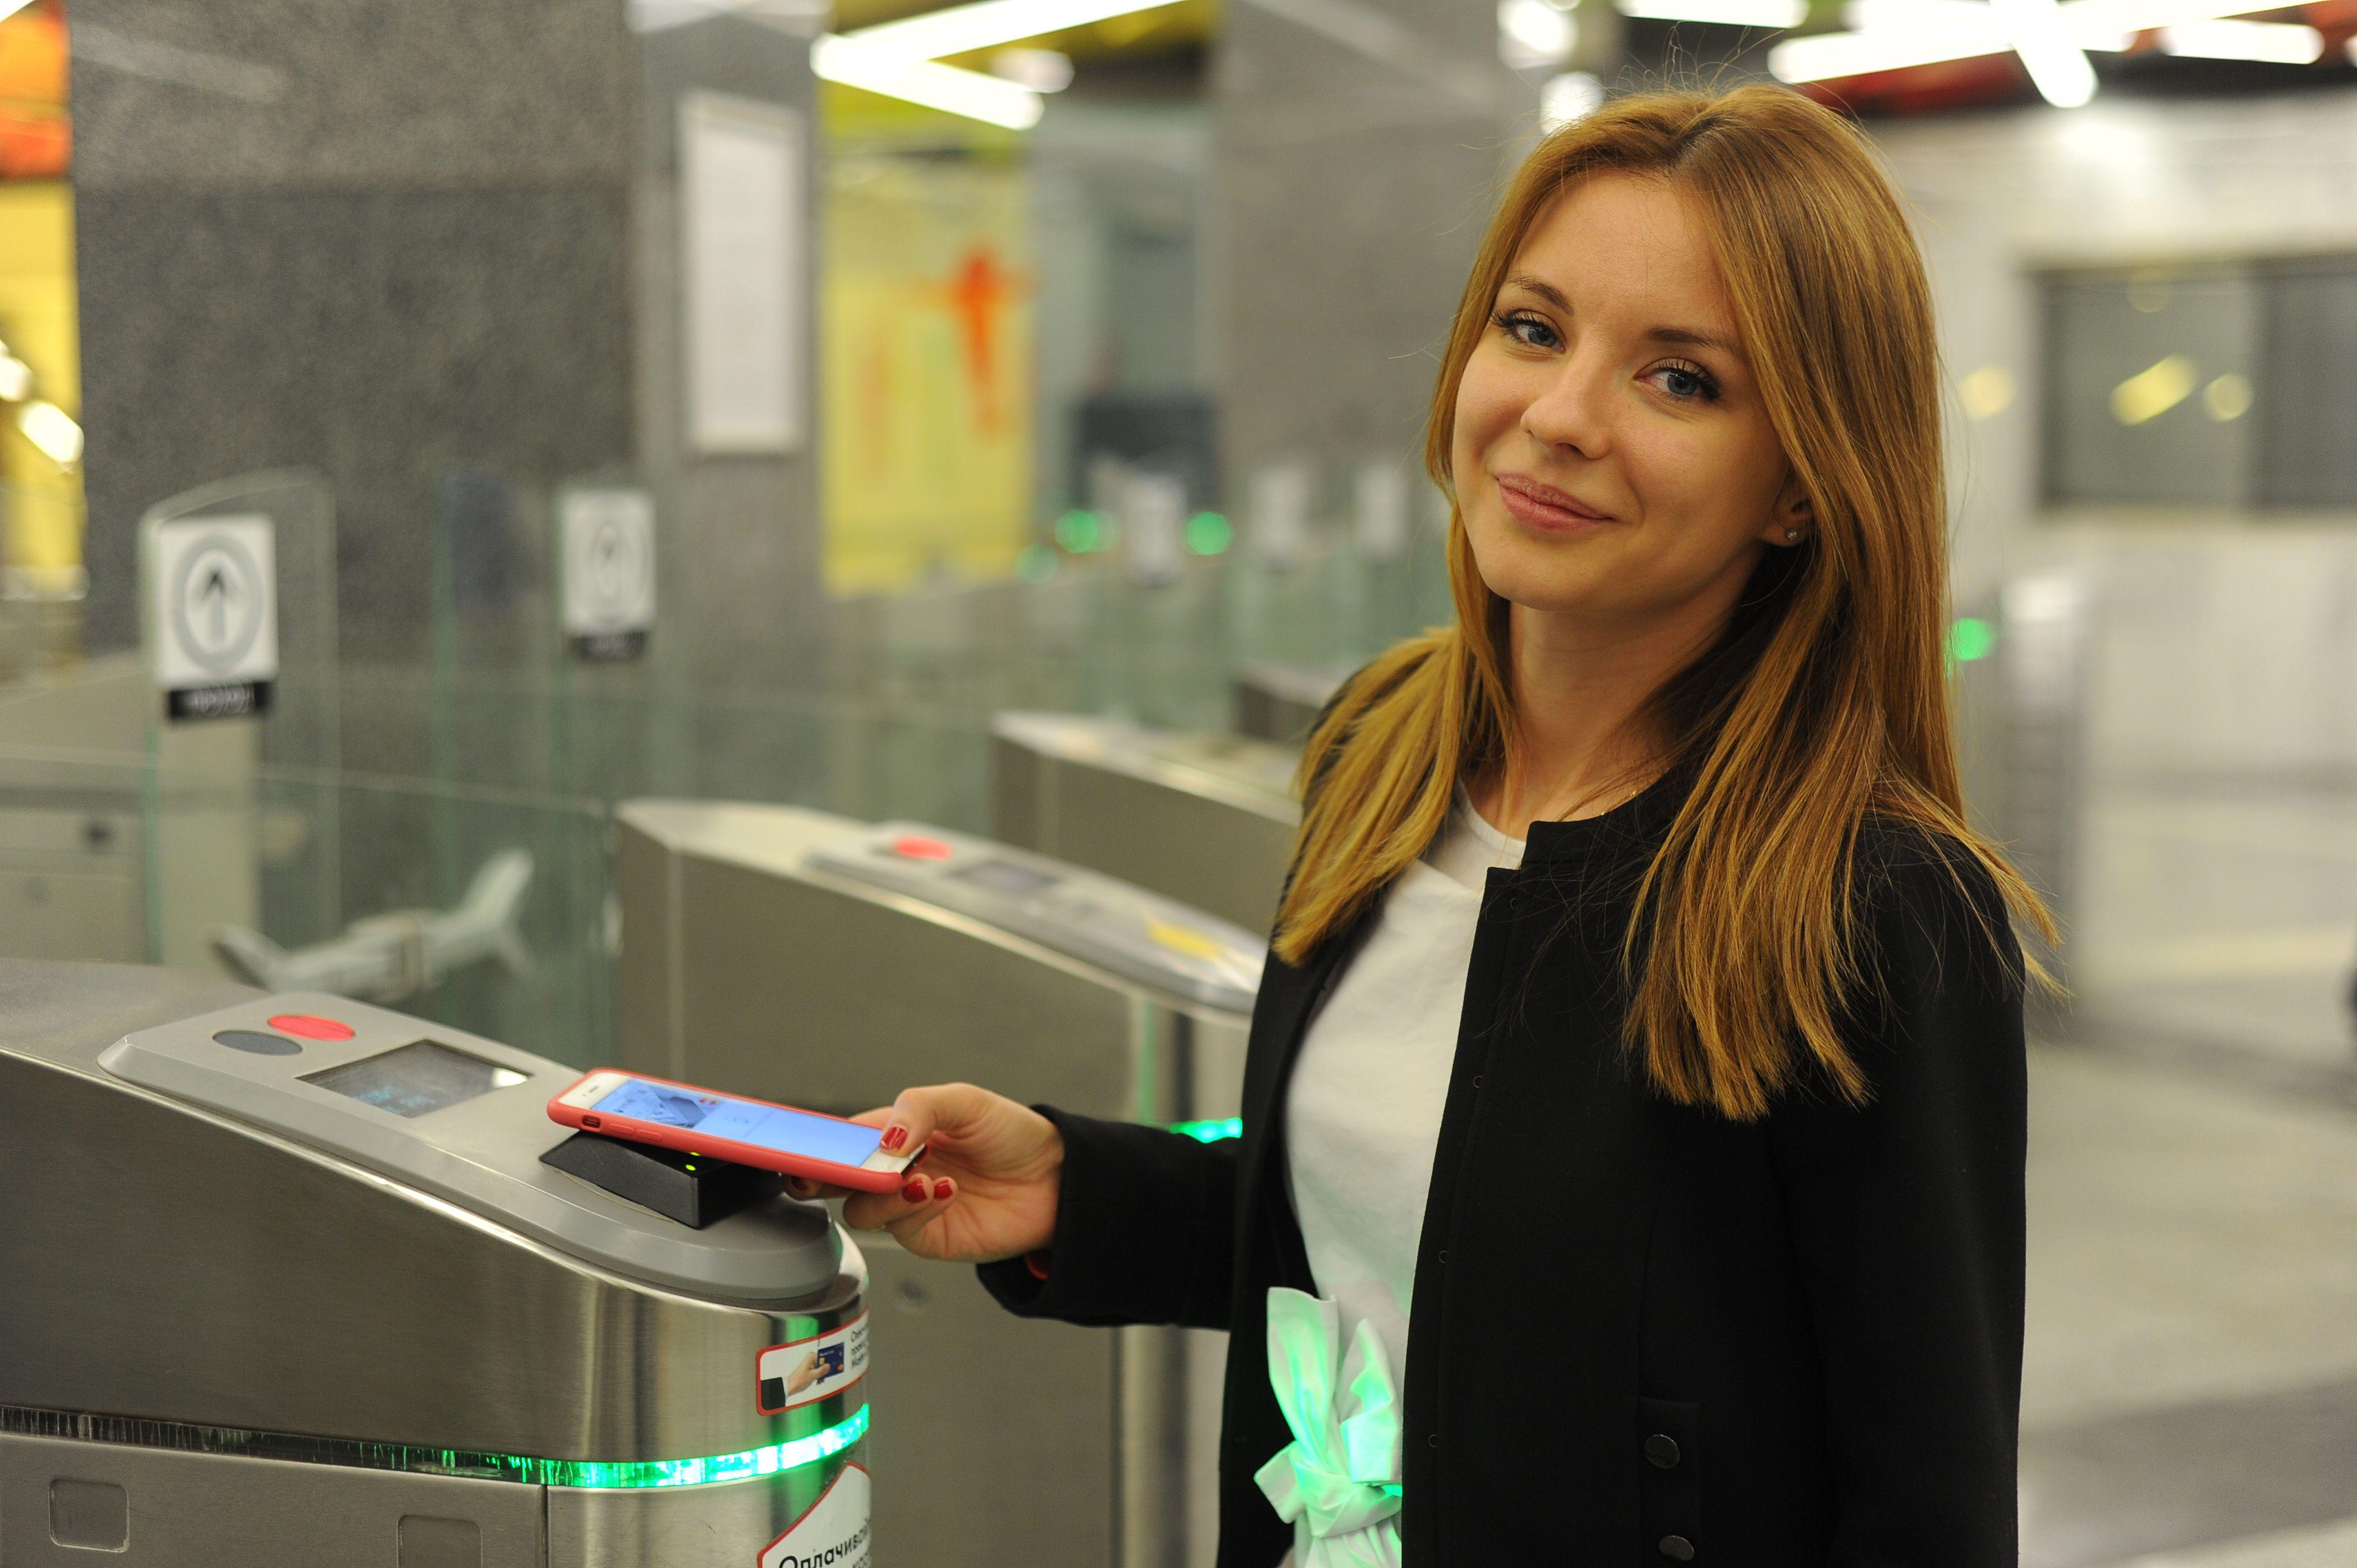 Бесконтактная оплата проезда на МЦК стала еще популярнее